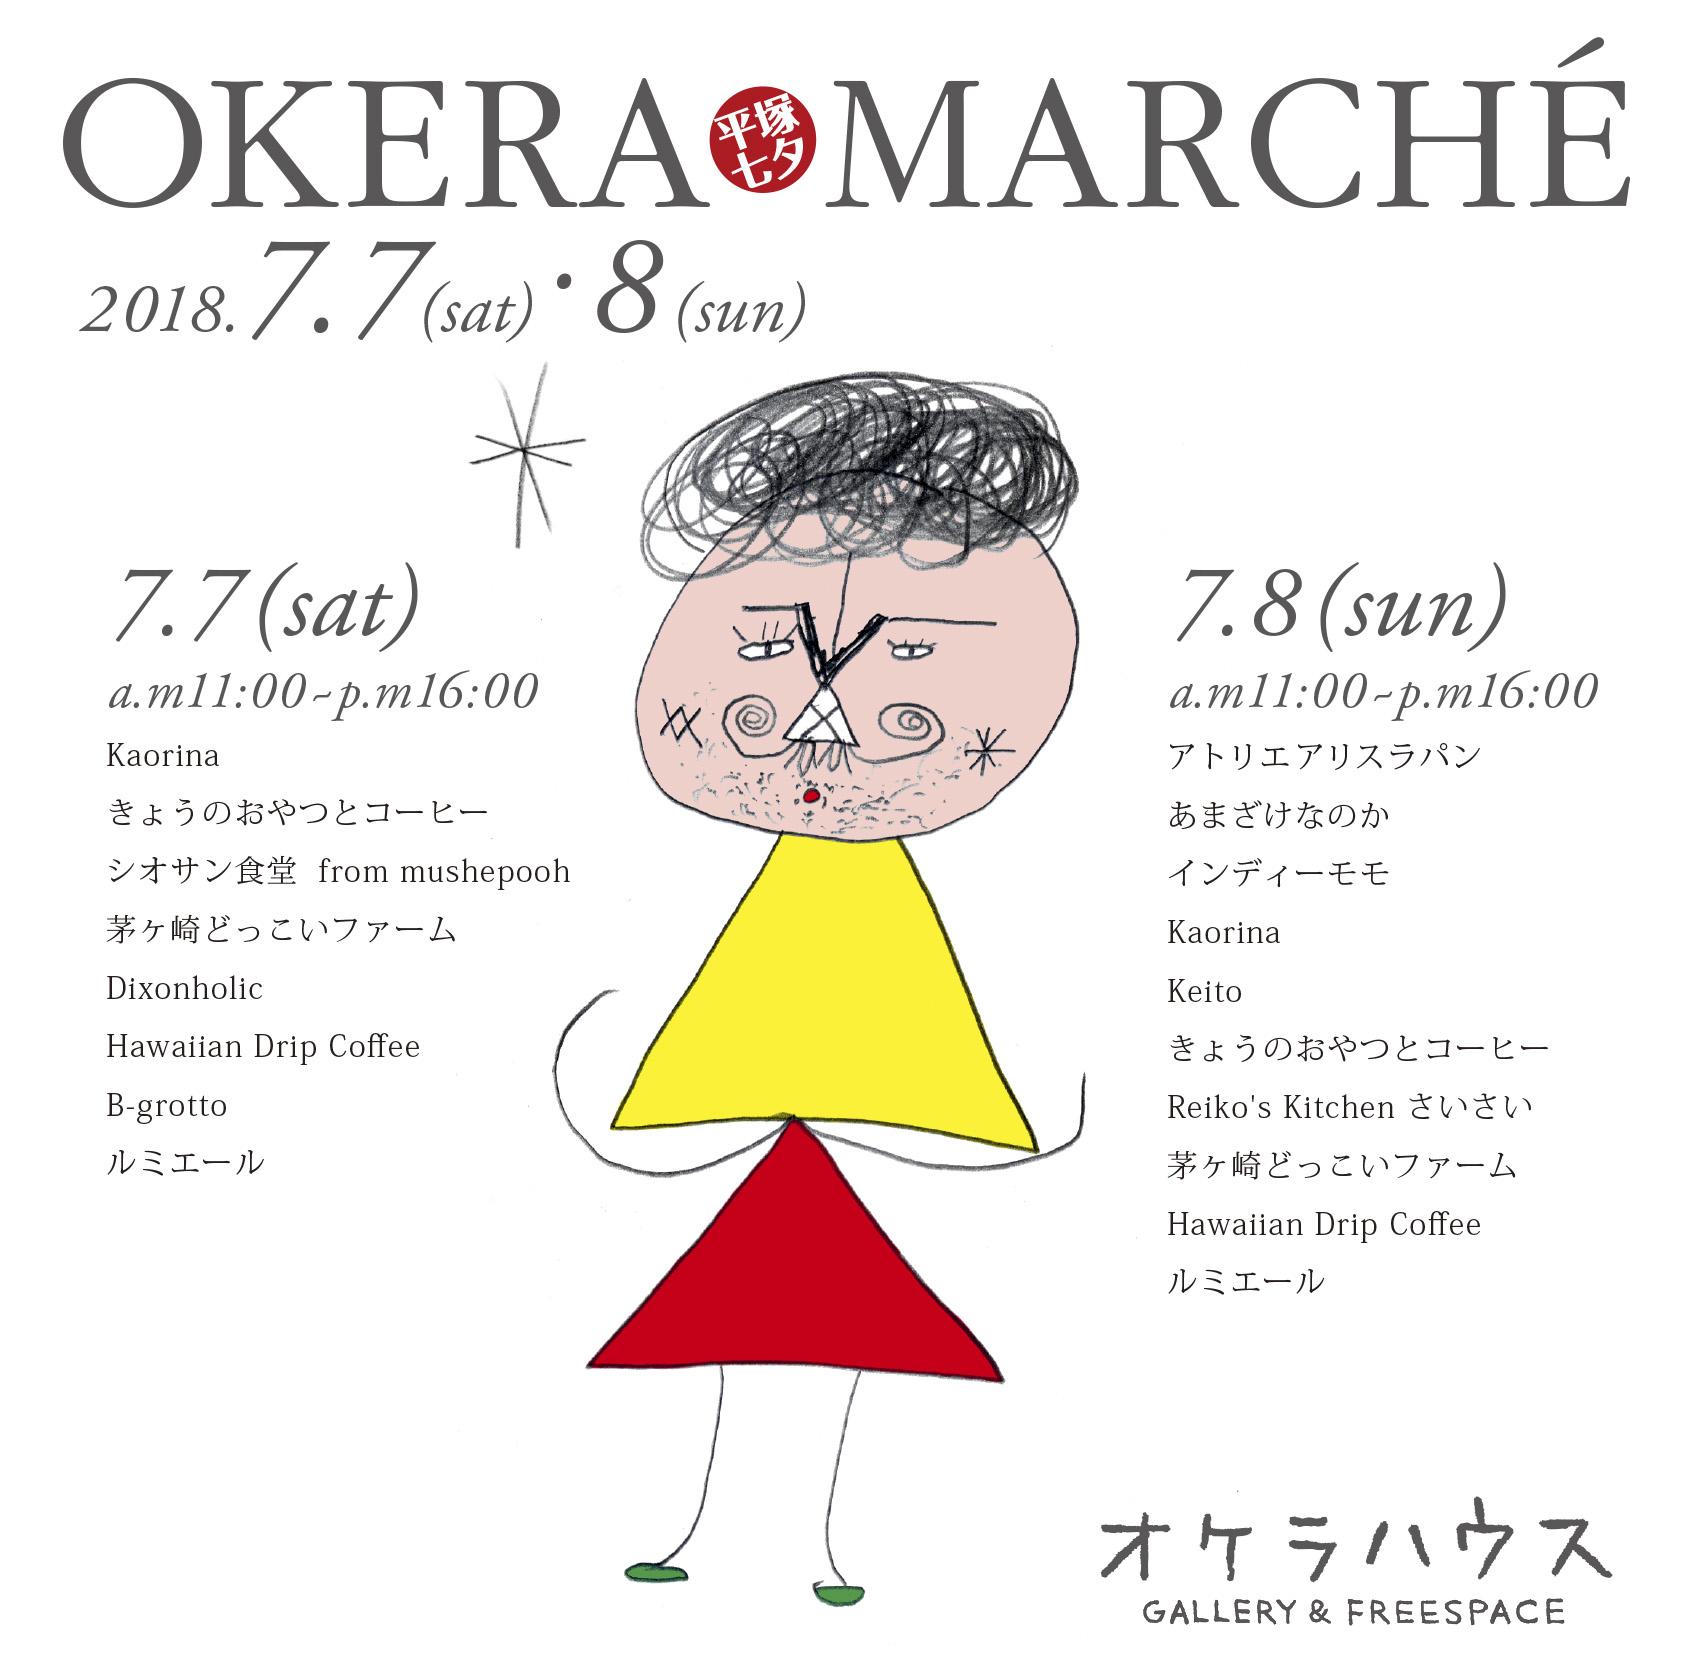 OKERA MARCHE